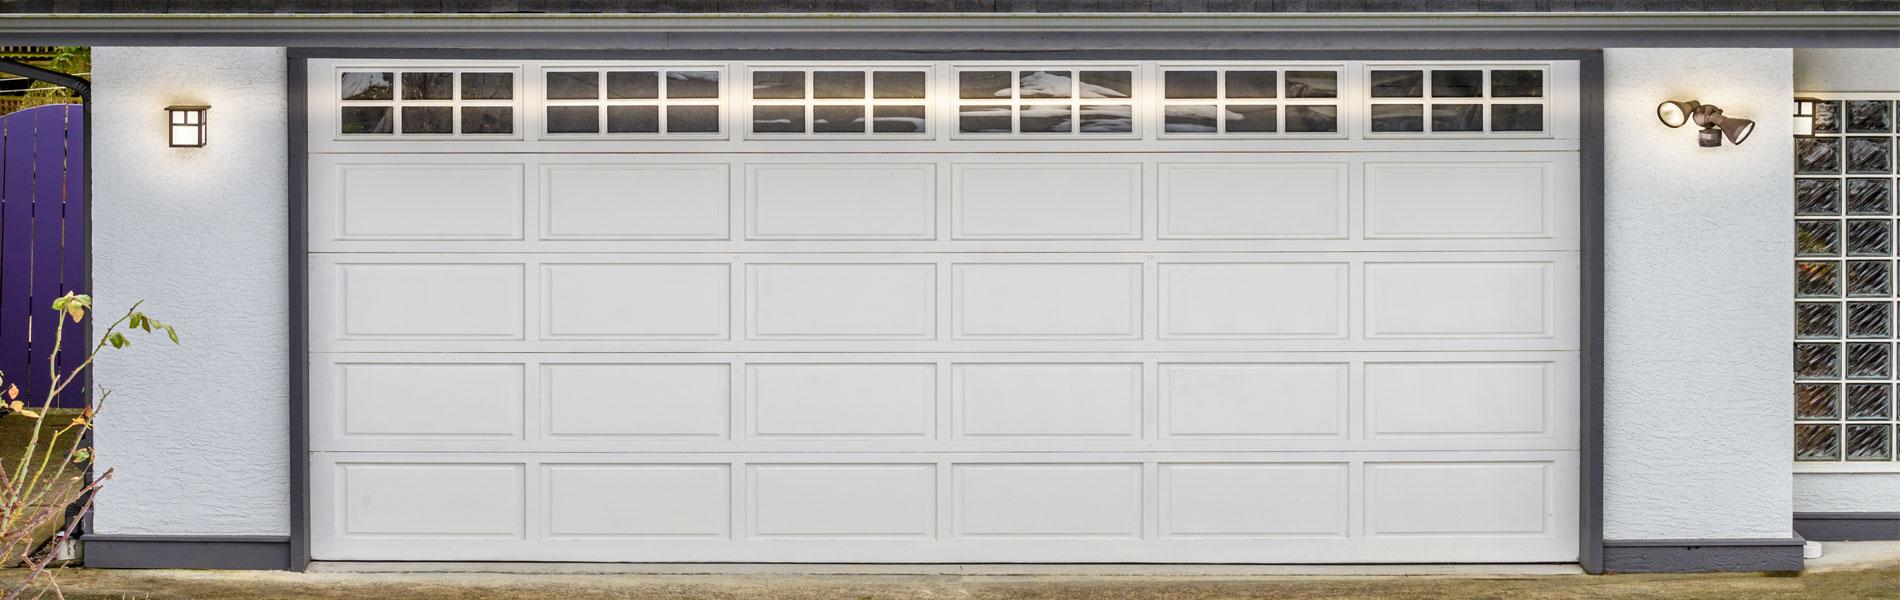 Exclusive Garage Door Service Garage Door Springs Repair West